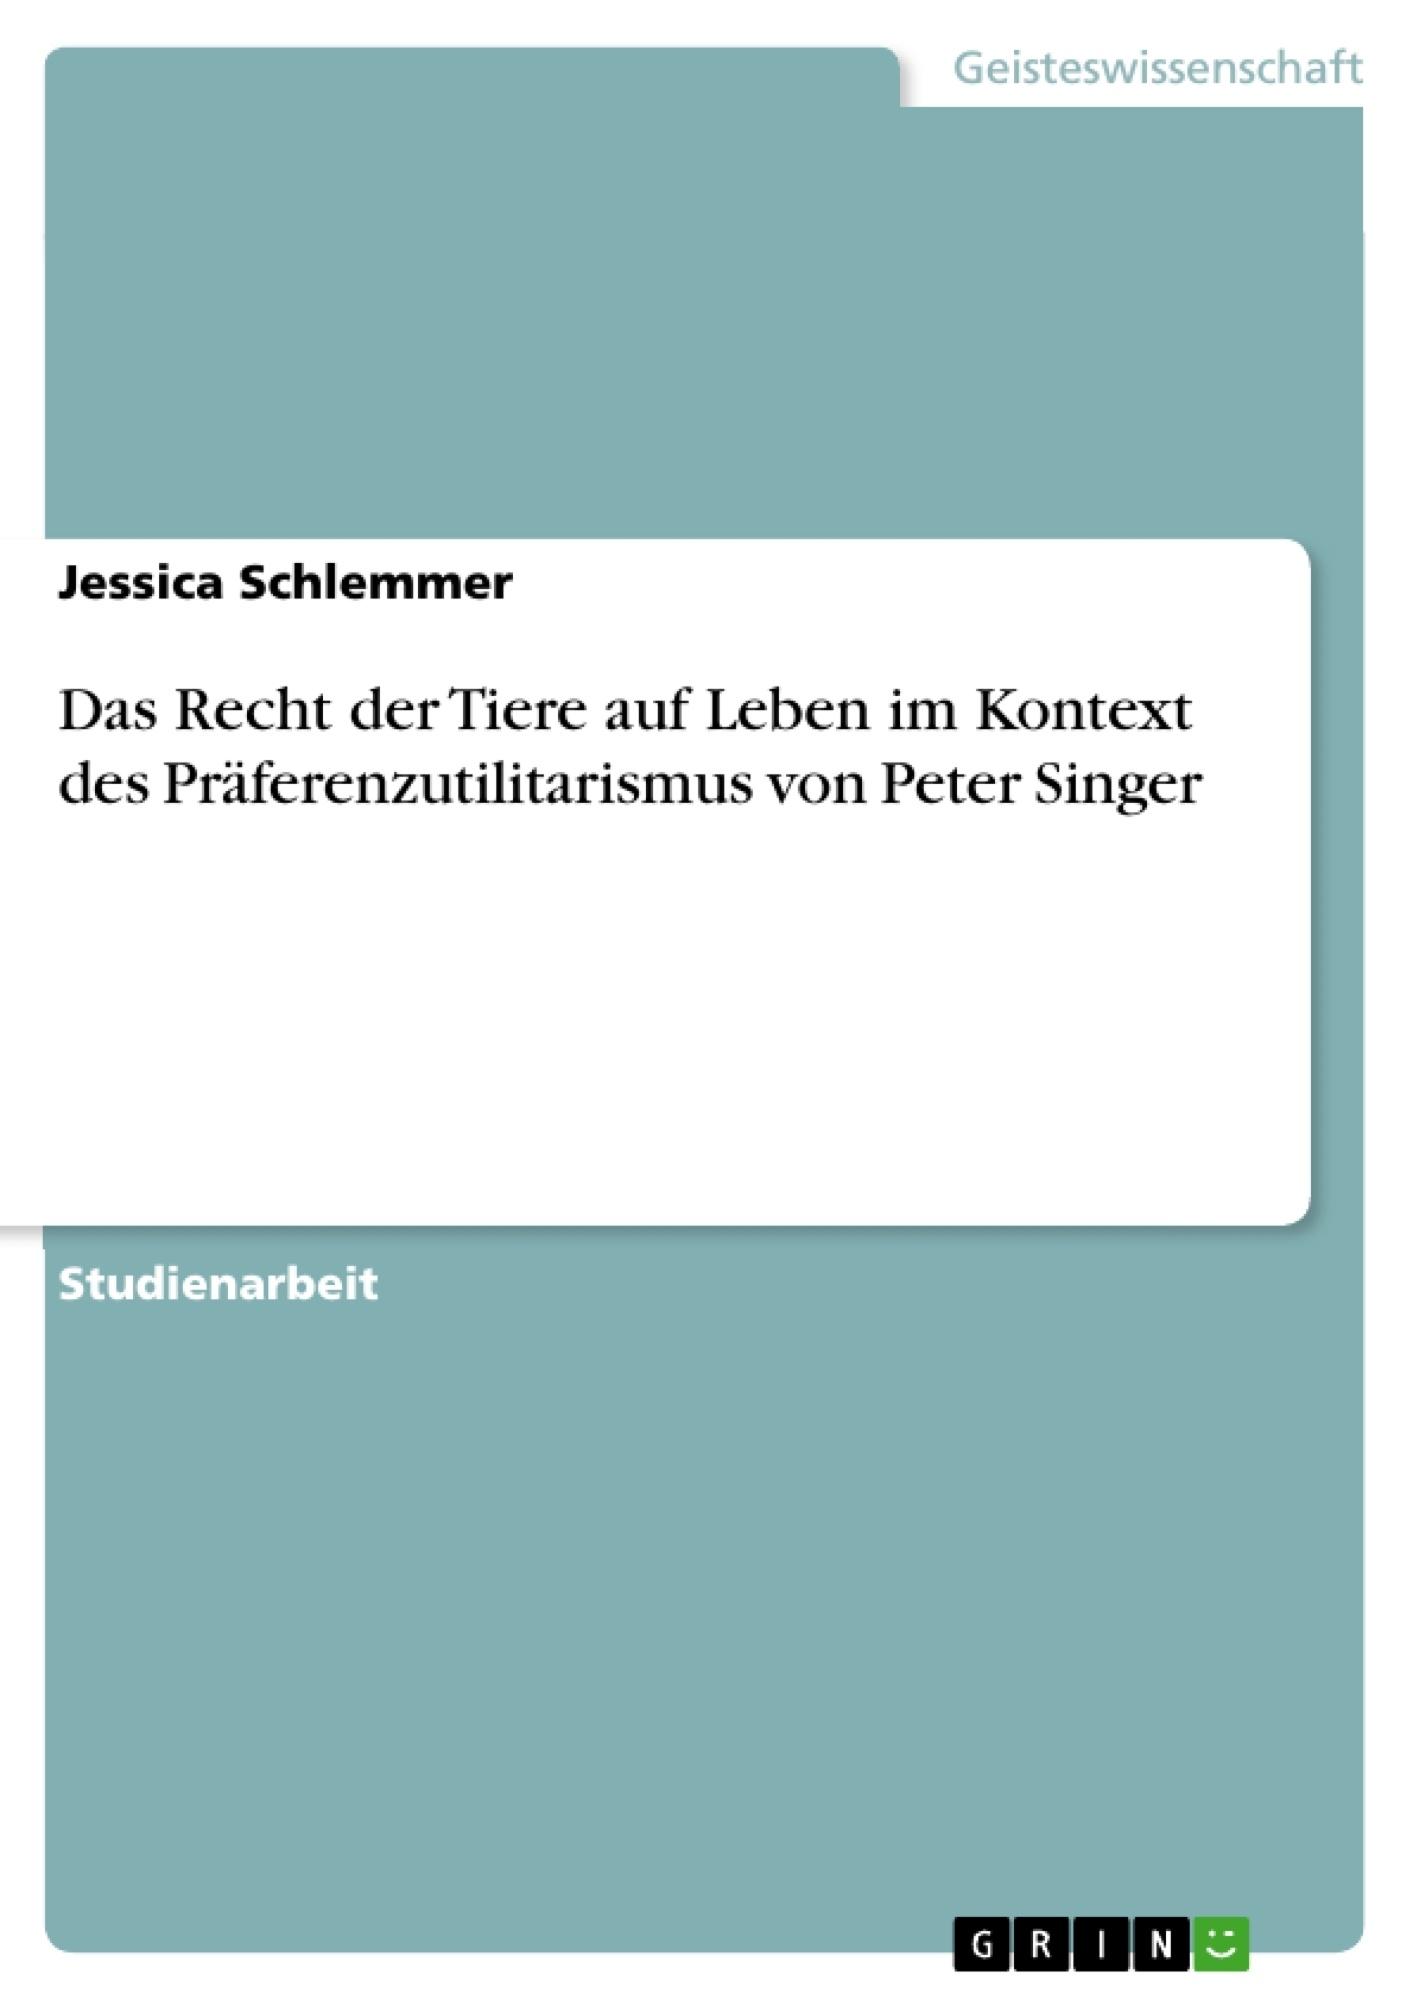 Titel: Das Recht der Tiere auf Leben im Kontext des Präferenzutilitarismus von Peter Singer